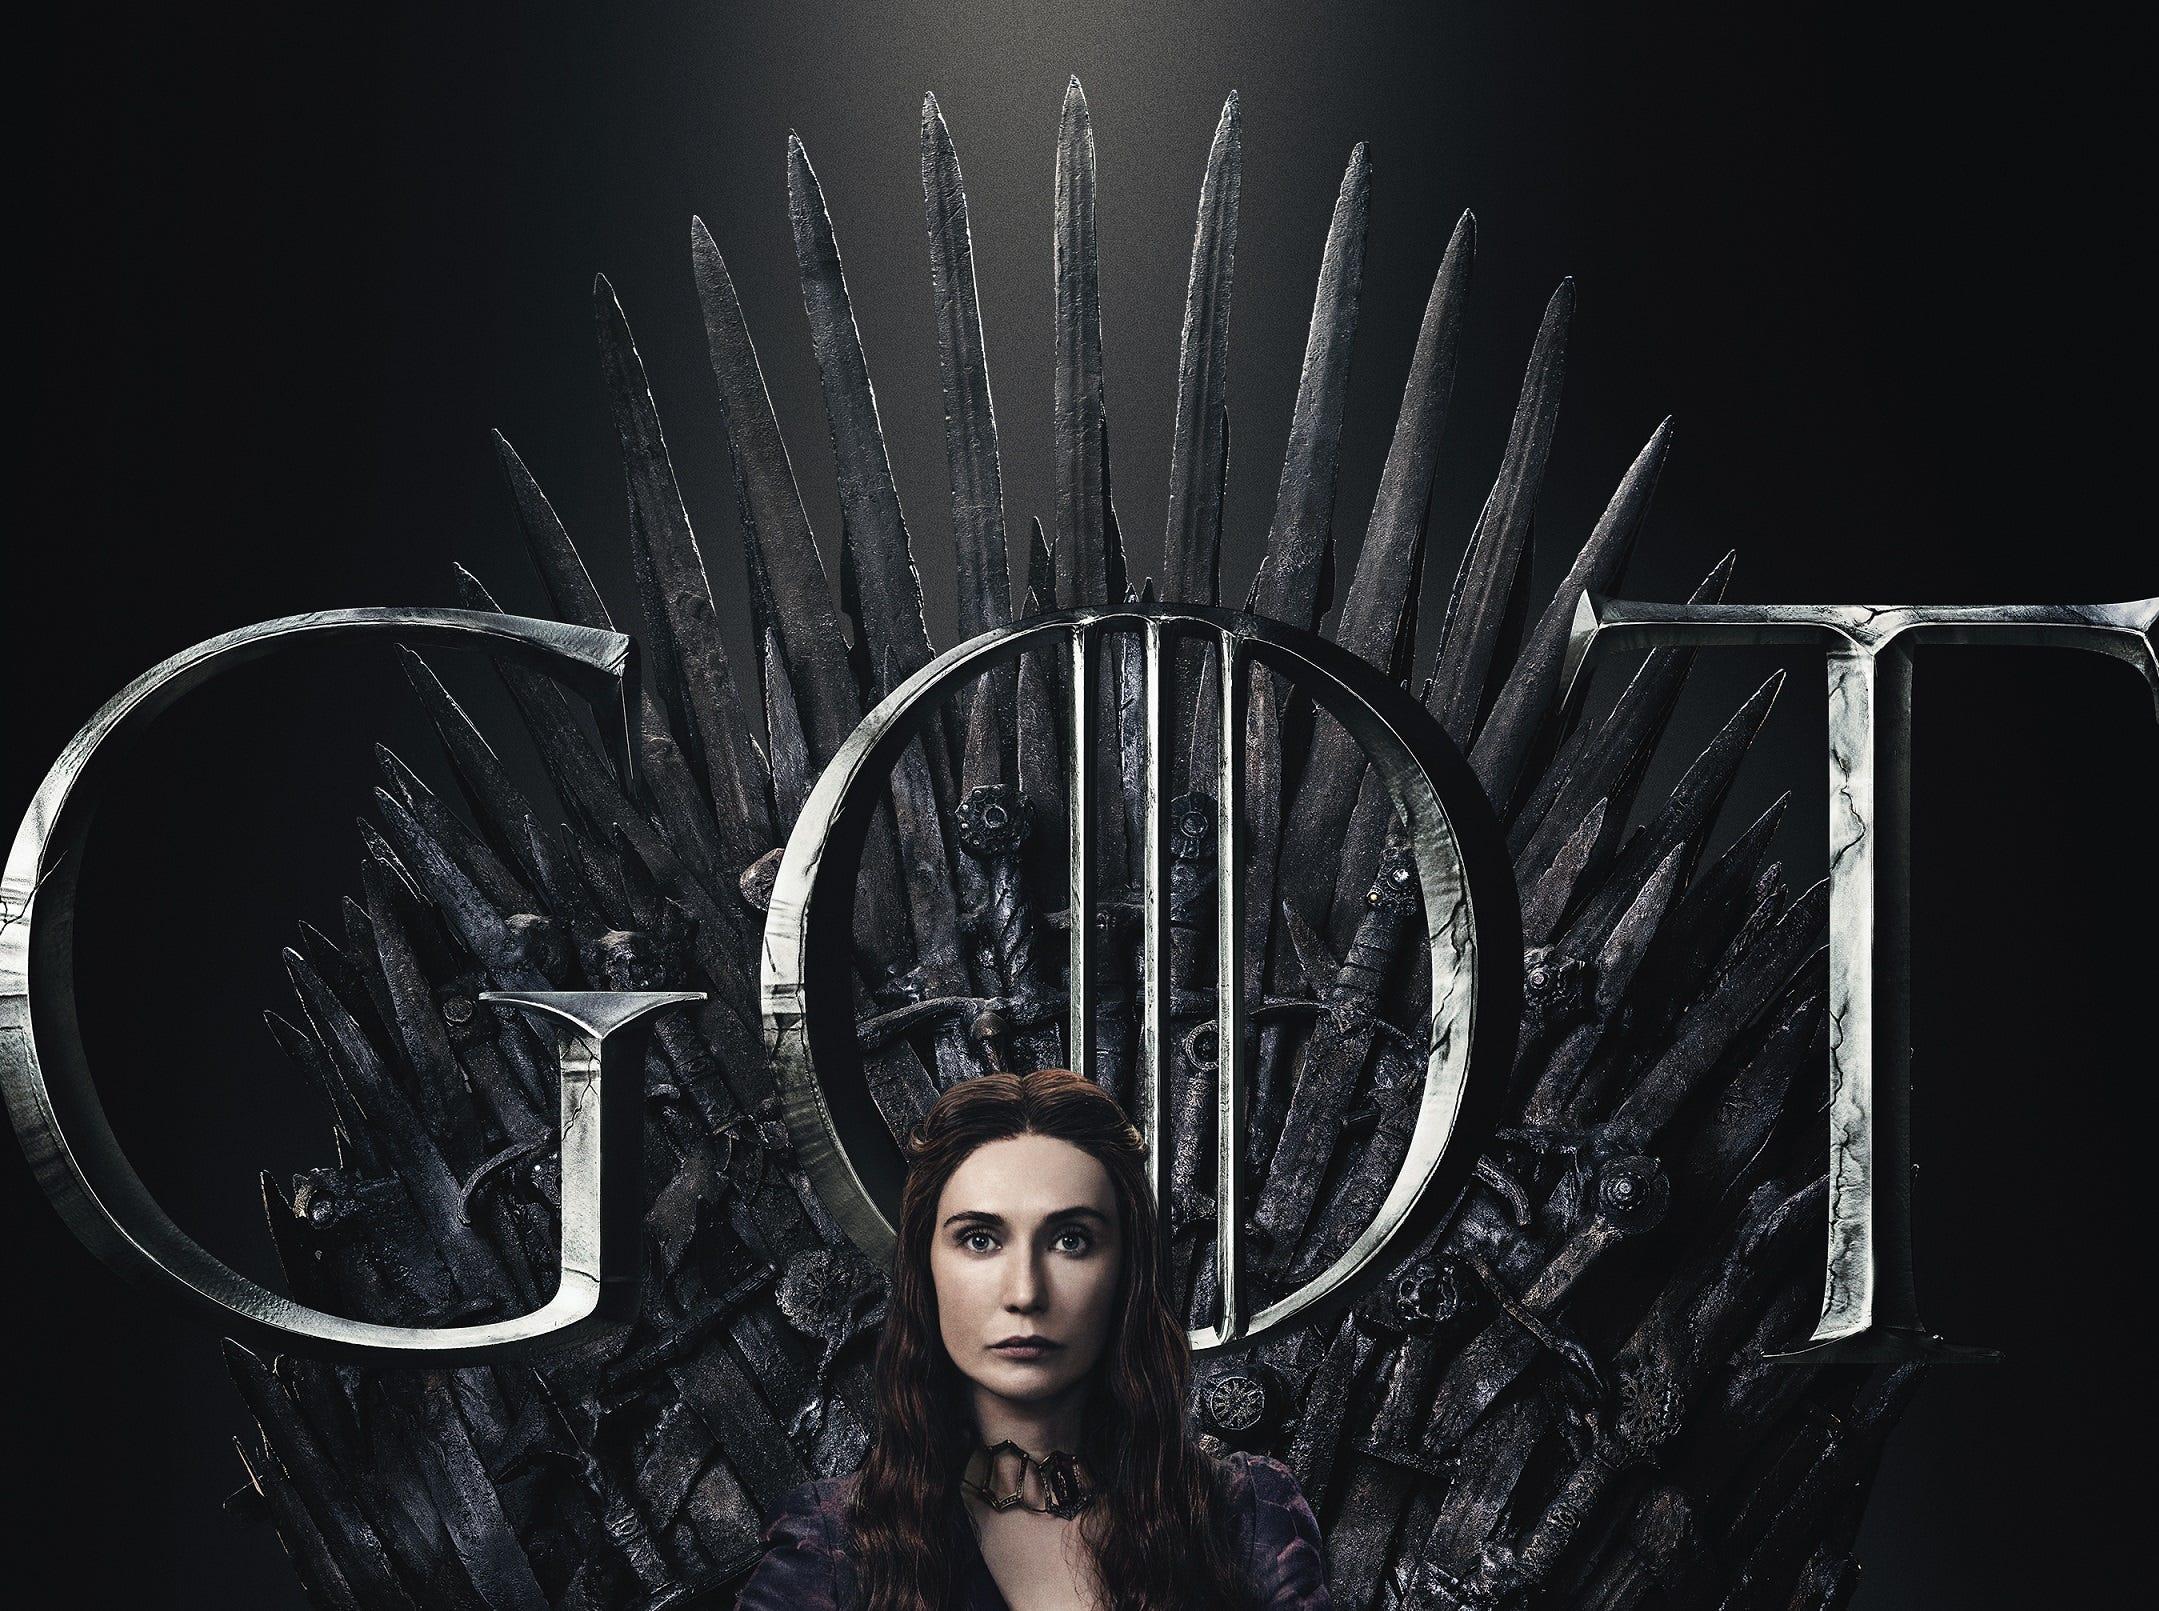 As Melisandre (Carice van Houten) would say, Season 8 is dark and full of terrors.